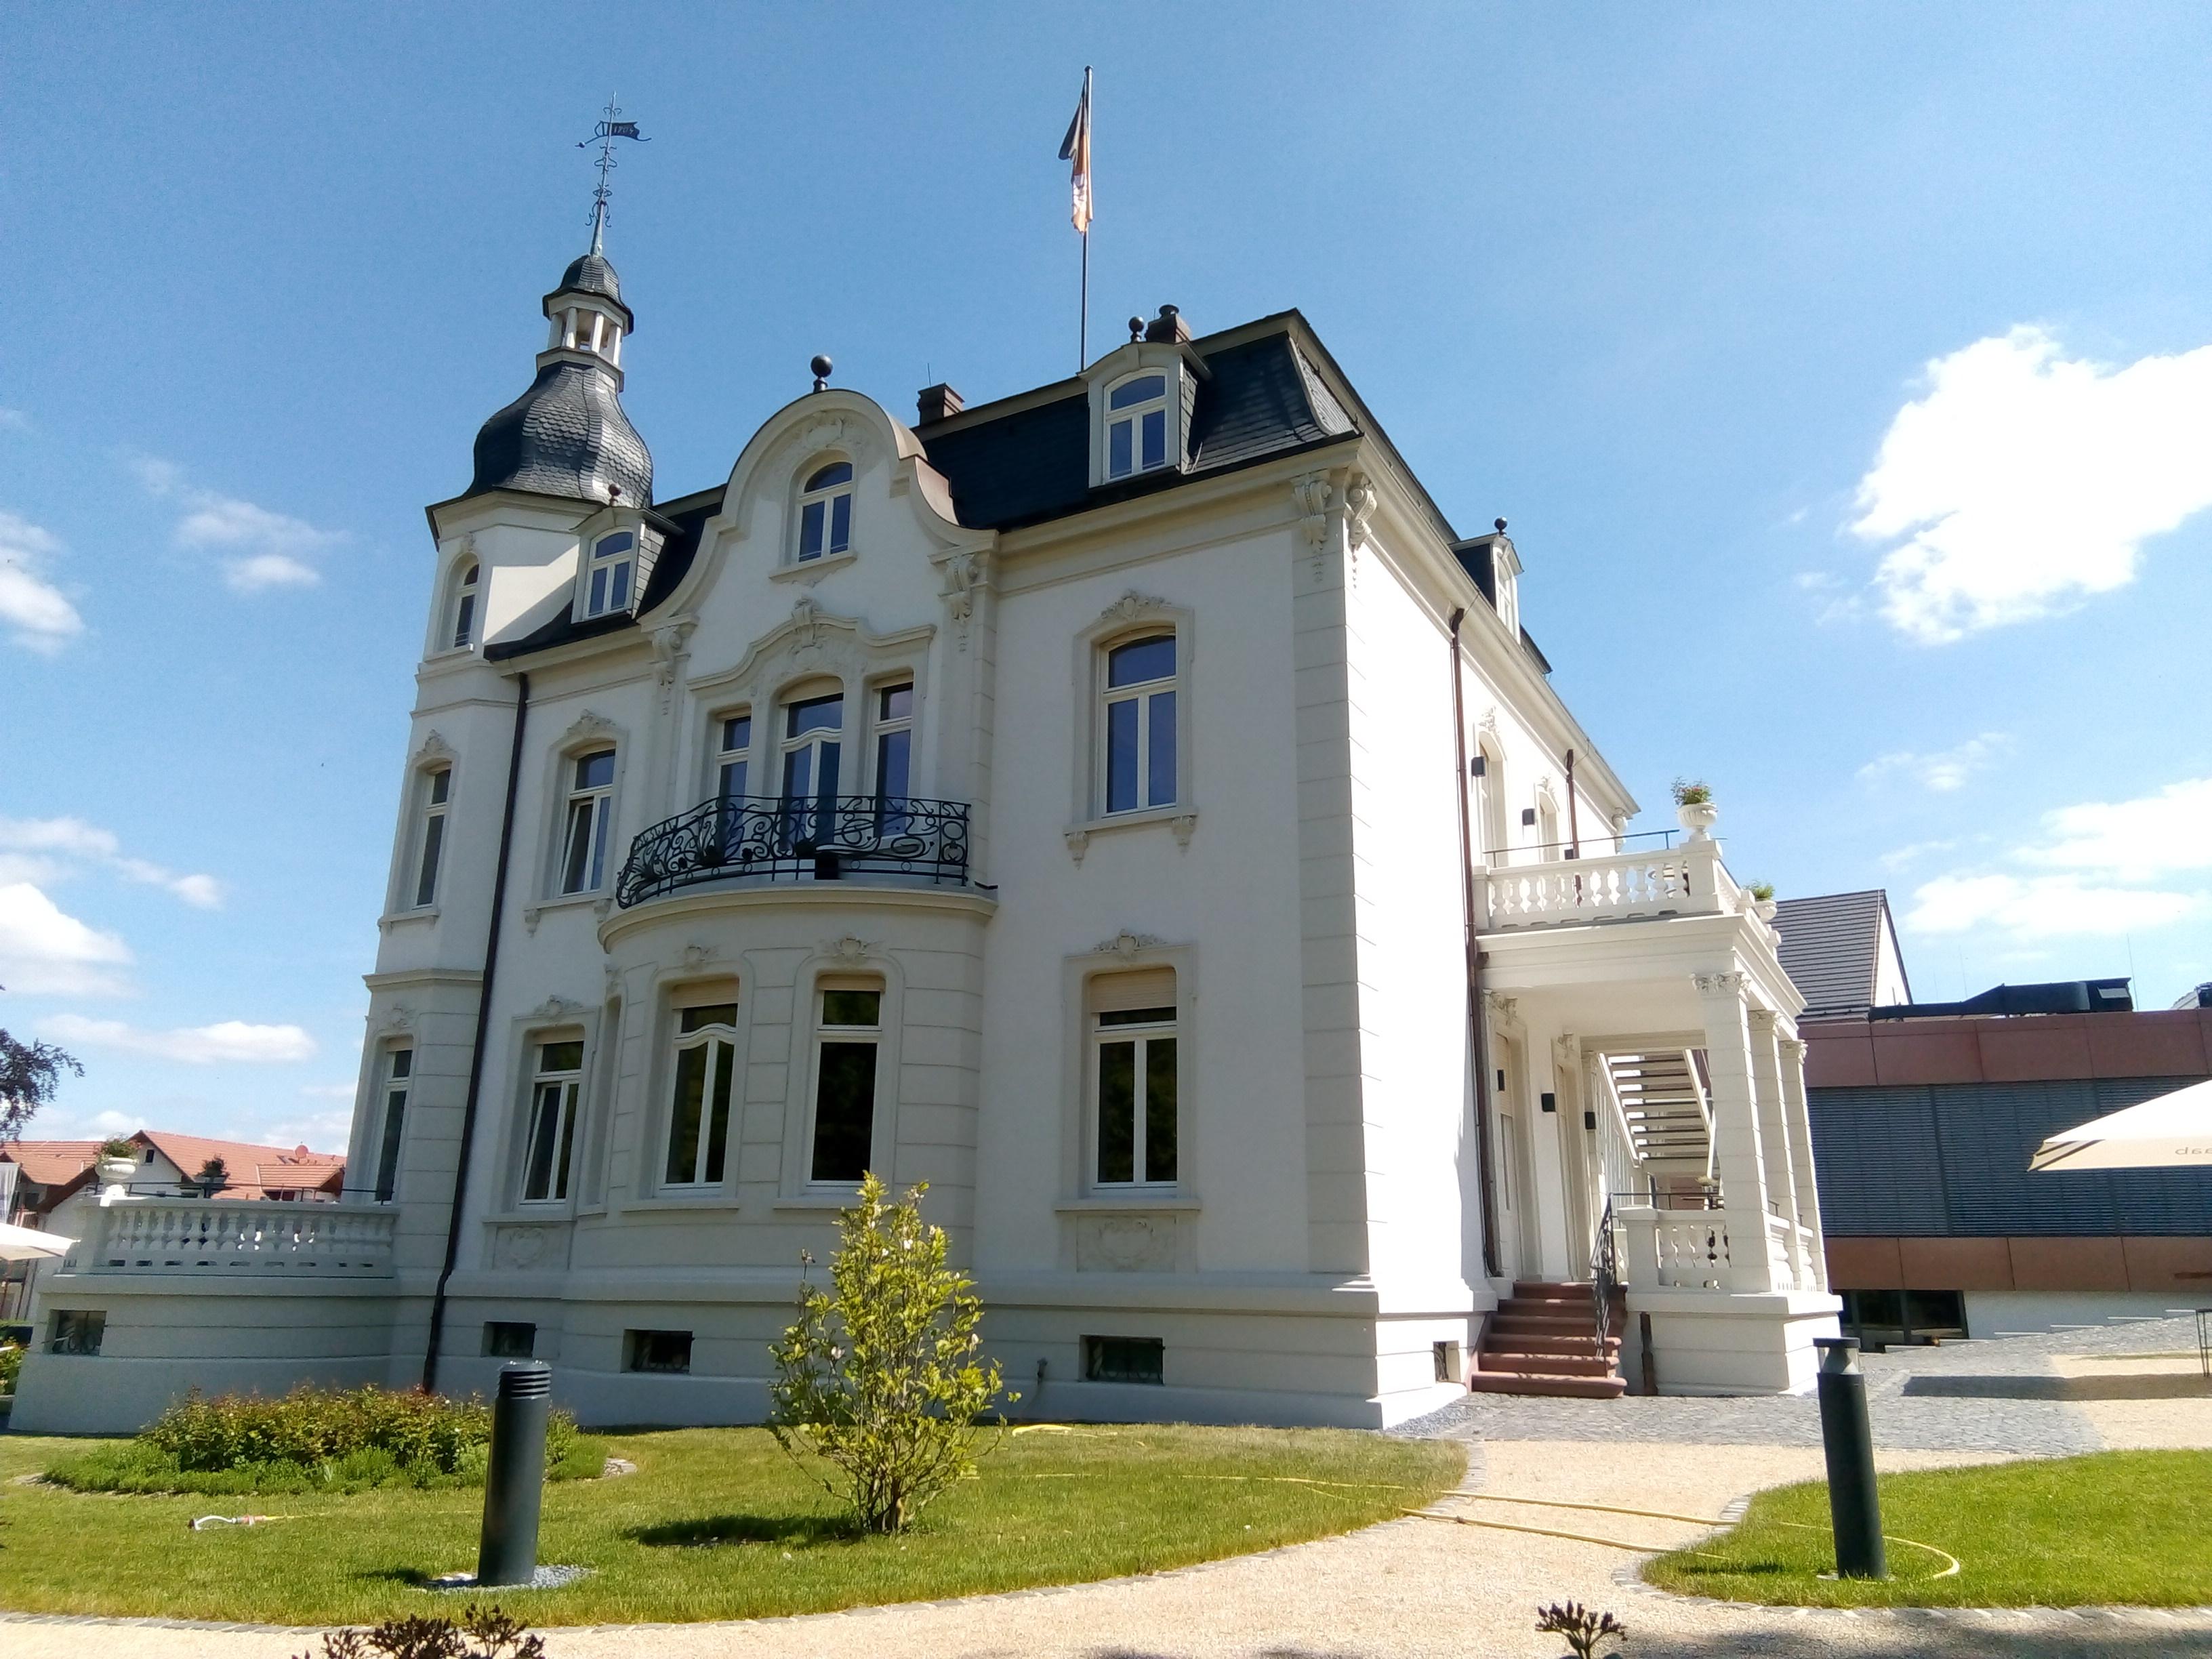 Köln hahnwald raab villa